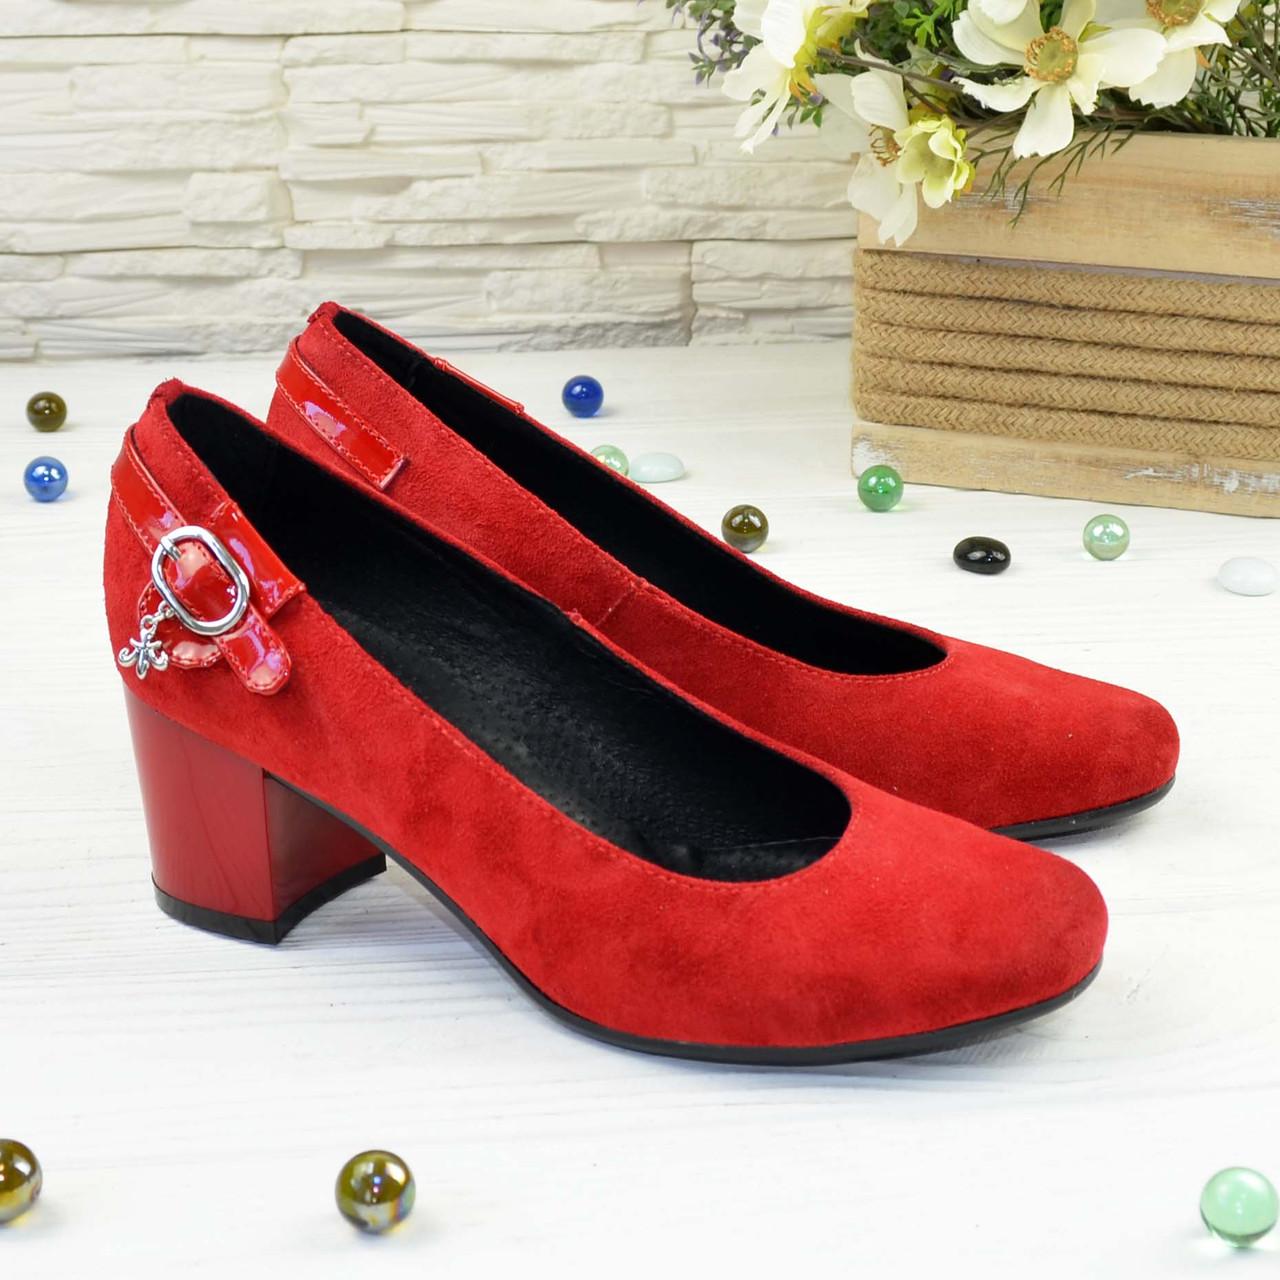 Женские замшевые туфли красного цвета на невысоком каблуке, декорированы ремешком